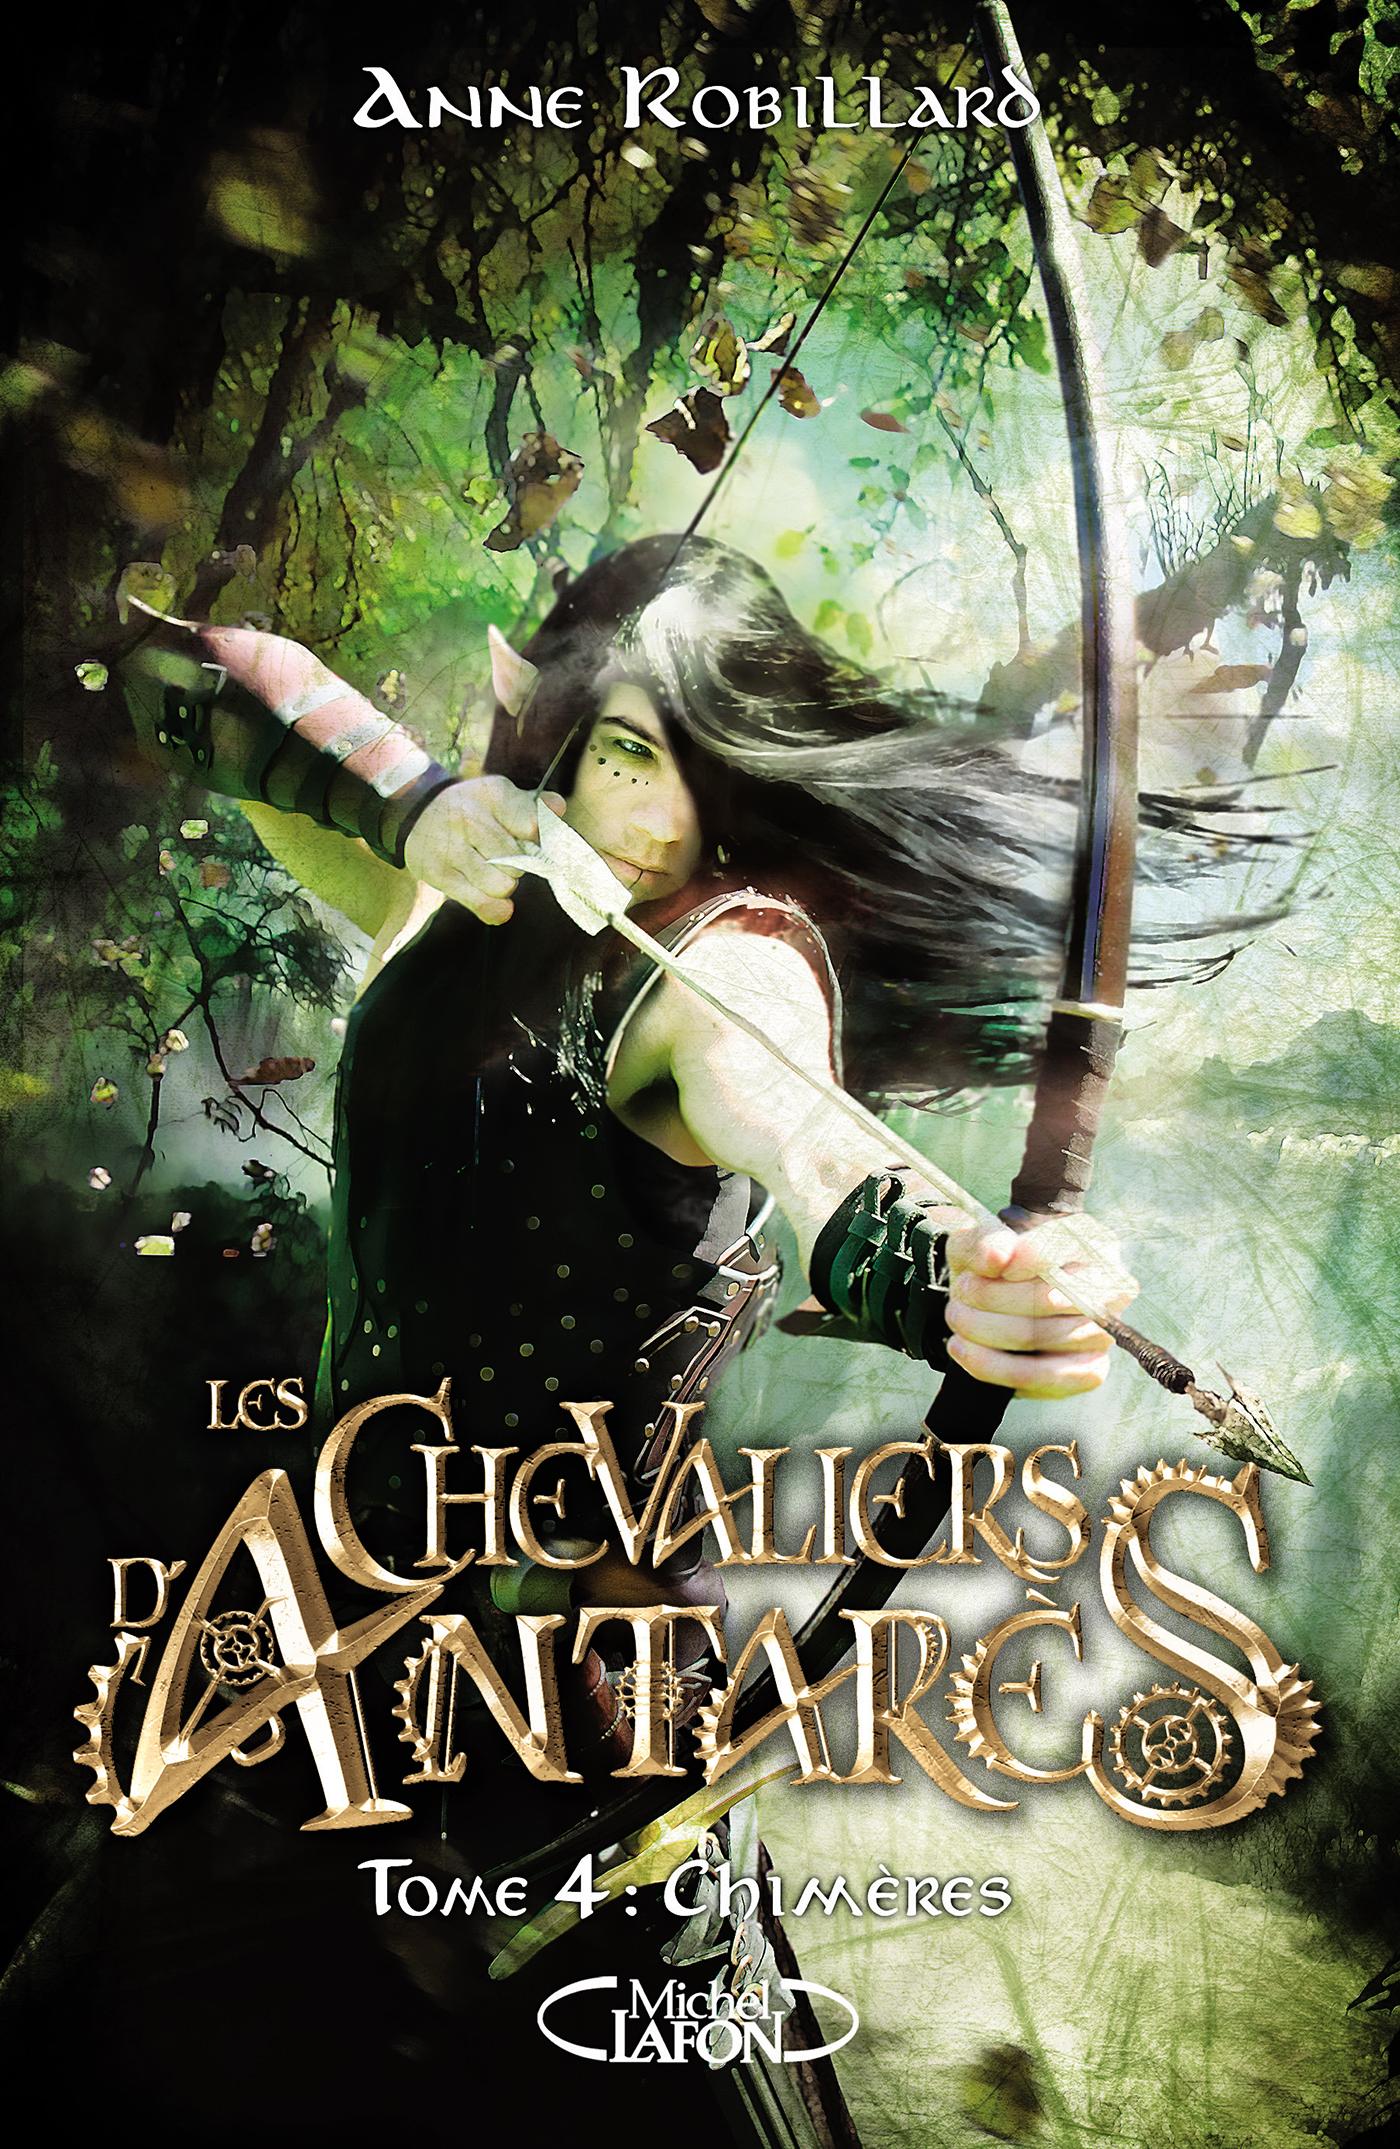 LES CHEVALIERS D'ANTARÈS – Tome 4:Chimères